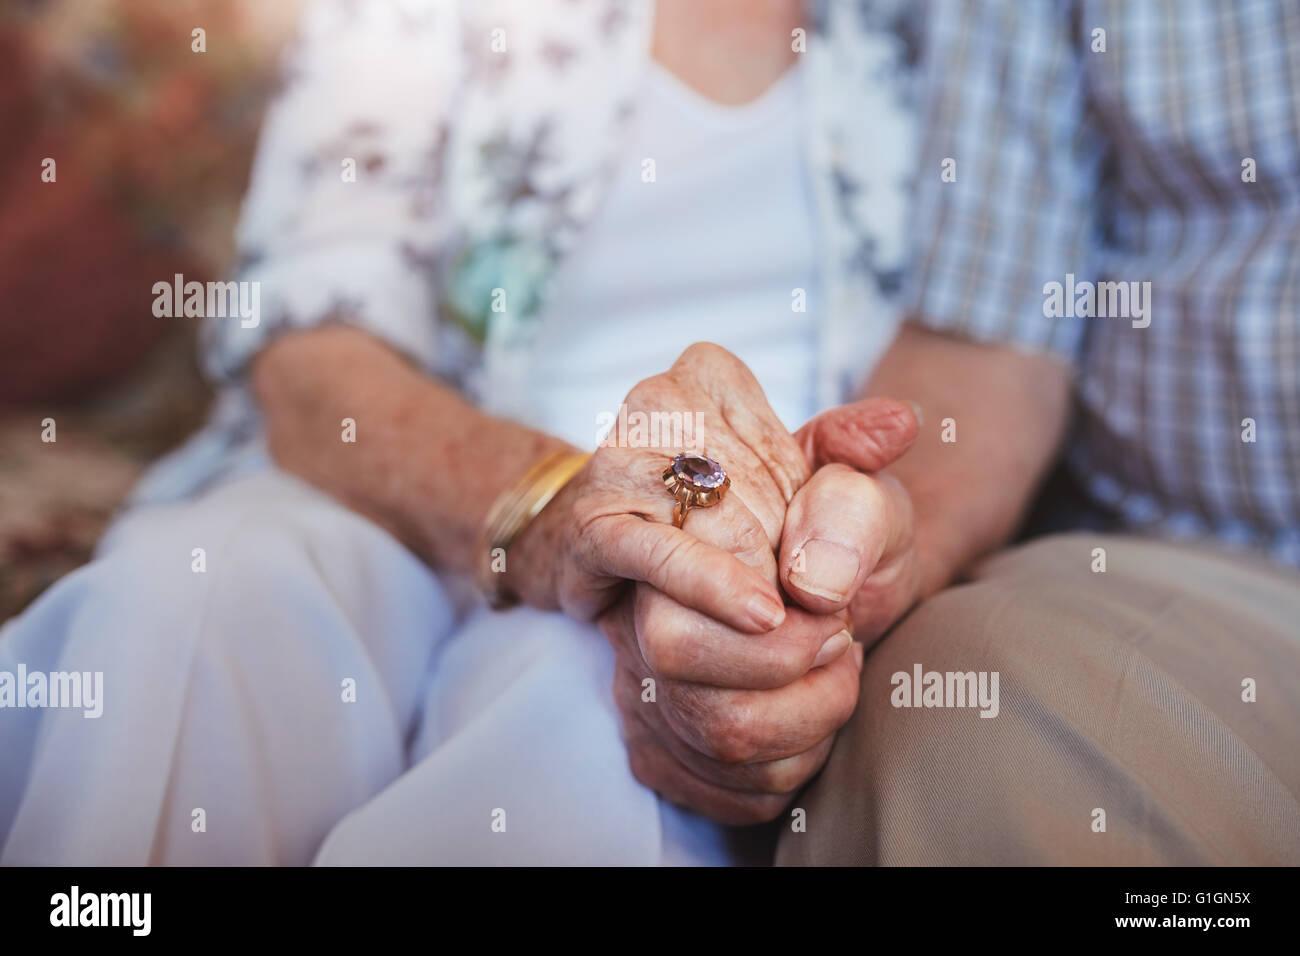 Ritagliato colpo di coppia di anziani tenendo le mani seduti insieme a casa. Concentrarsi sulle mani. Immagini Stock